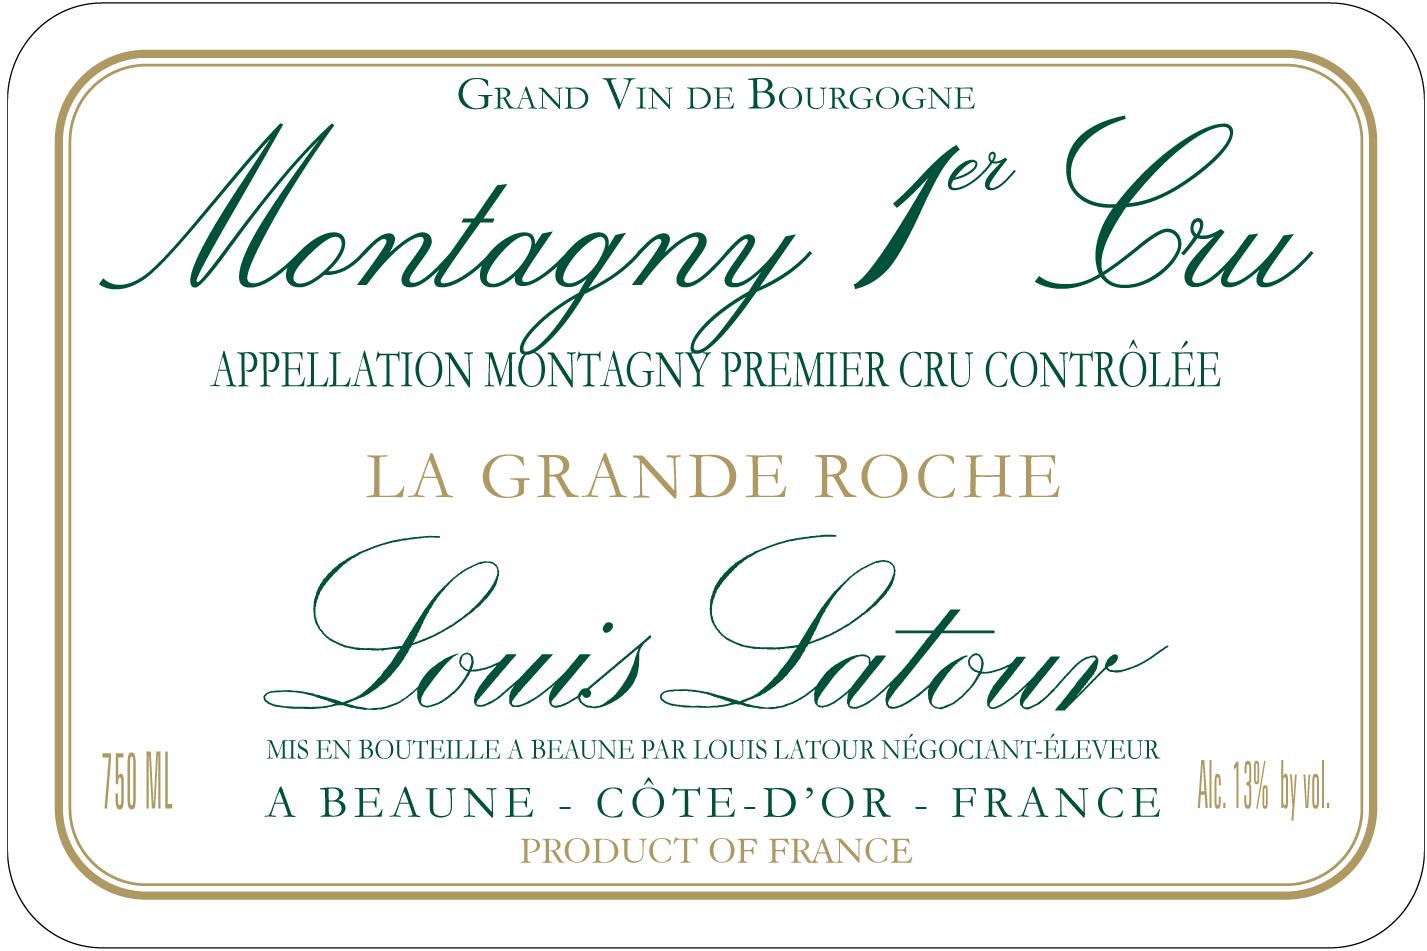 Louis Latour - Montagny La Grande Roche